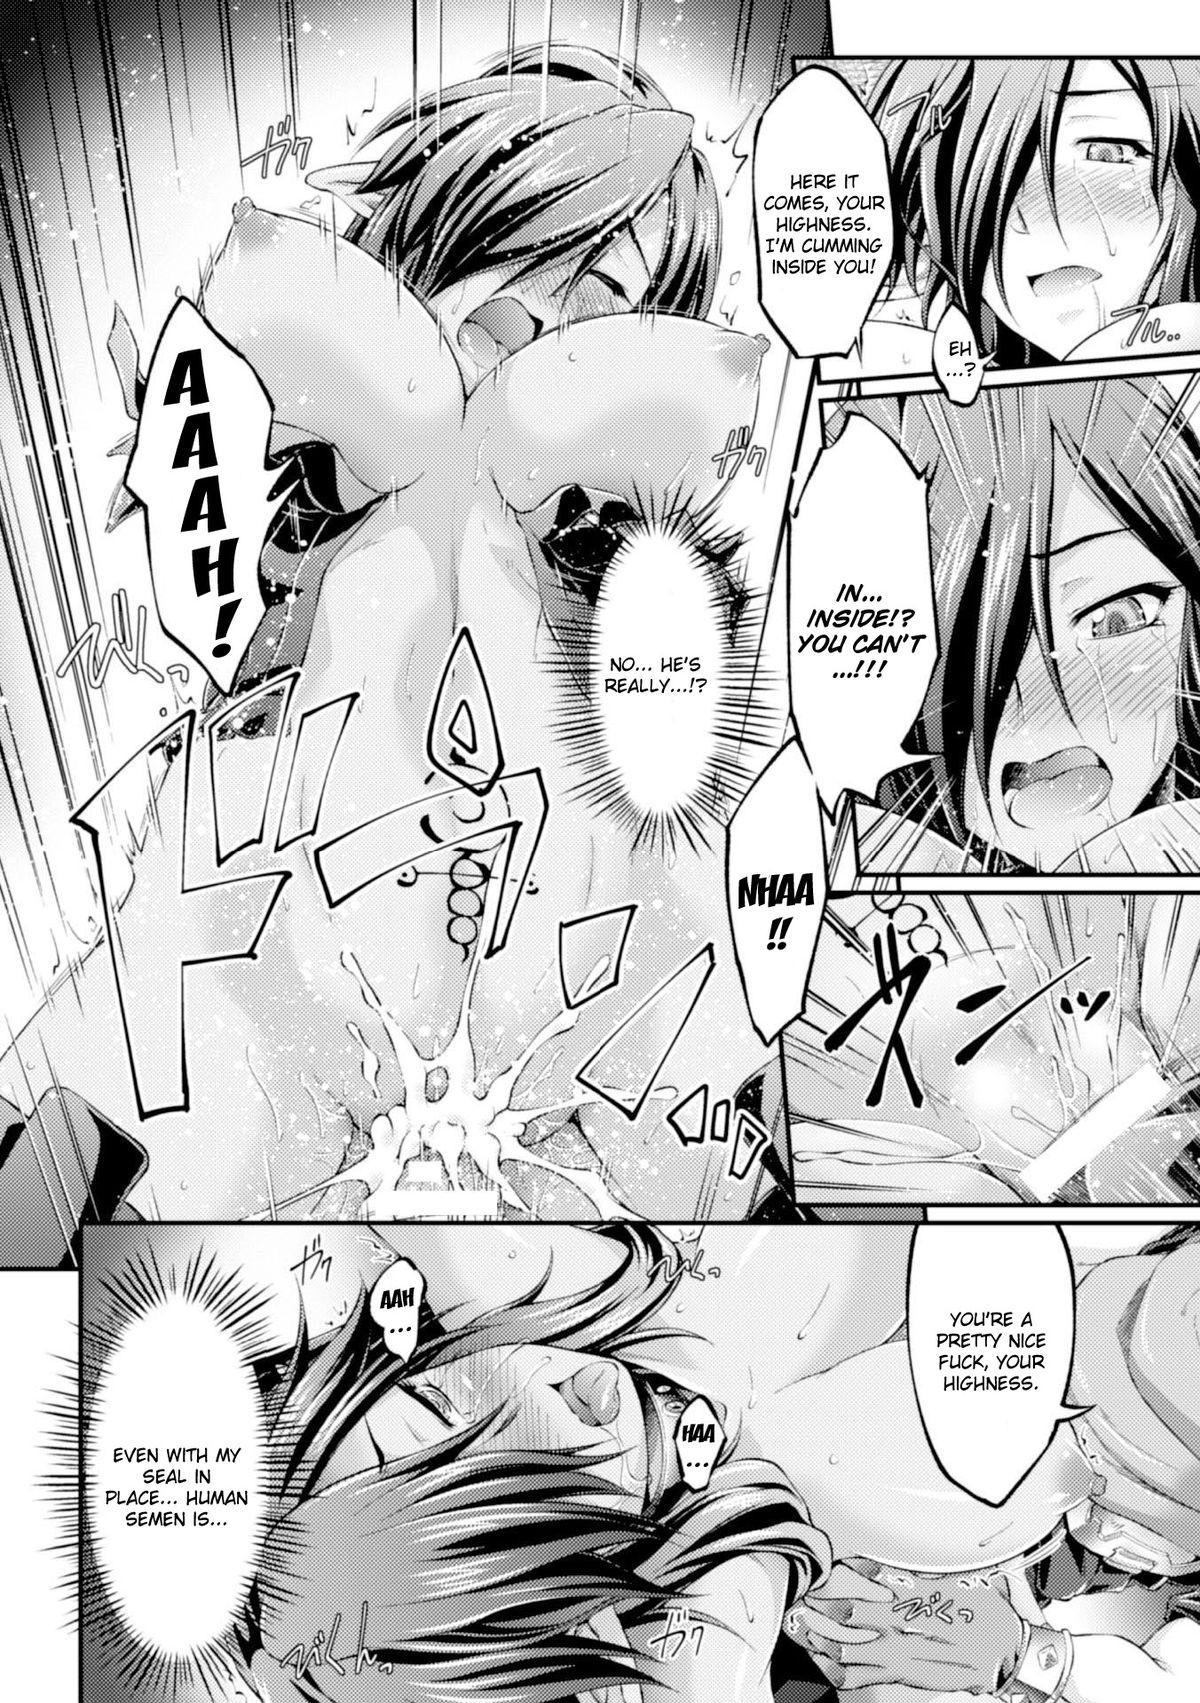 [Ootsuki Wataru] Kuroinu ~Kedakaki Seijo wa Hakudaku ni Somaru~ THE COMIC Chapters 1-5 [English] {Kizlan} [Digital] 11